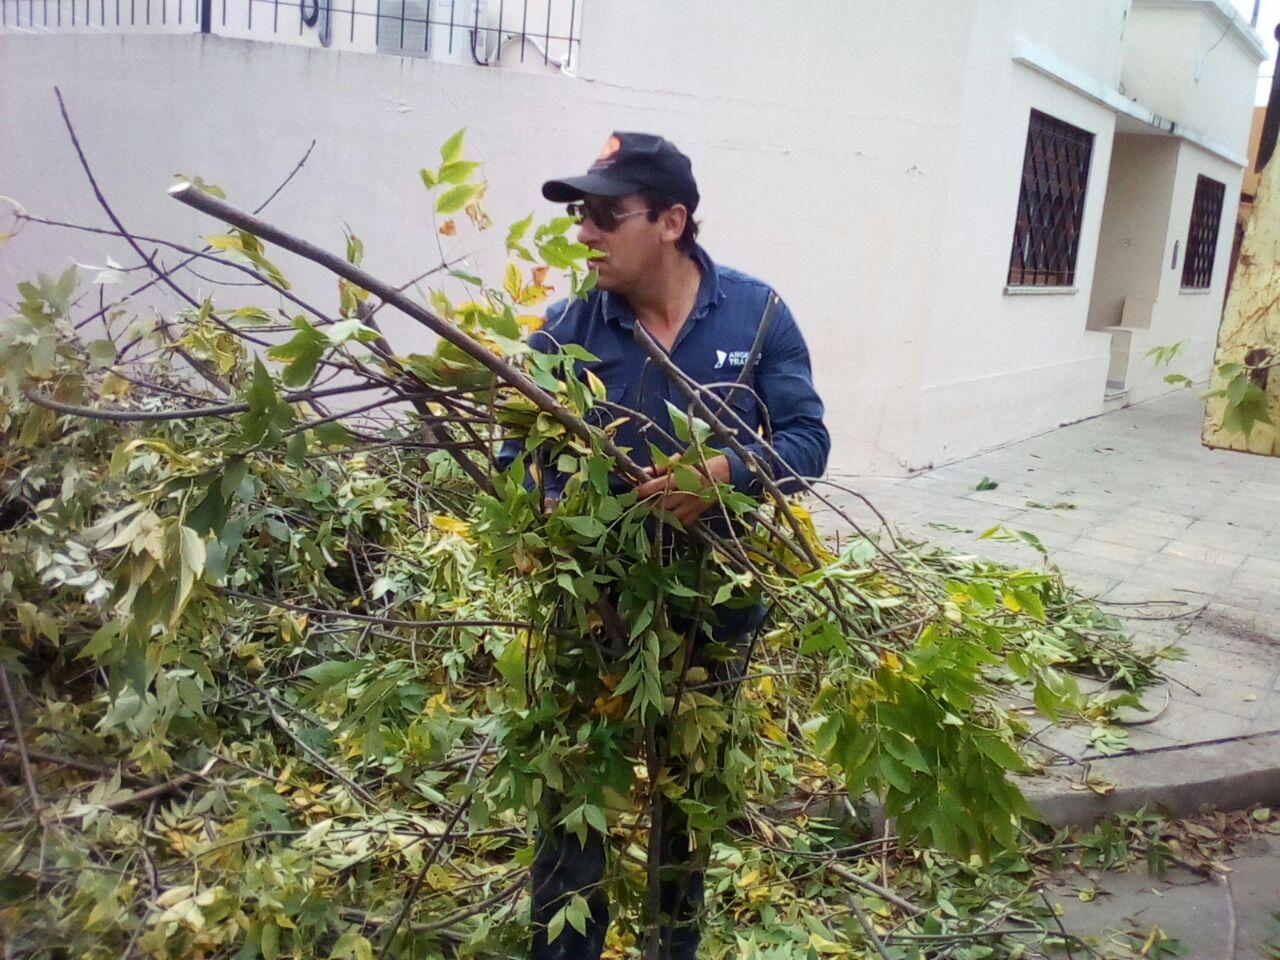 Municipio lleva a cabo plan de limpieza de restos de poda